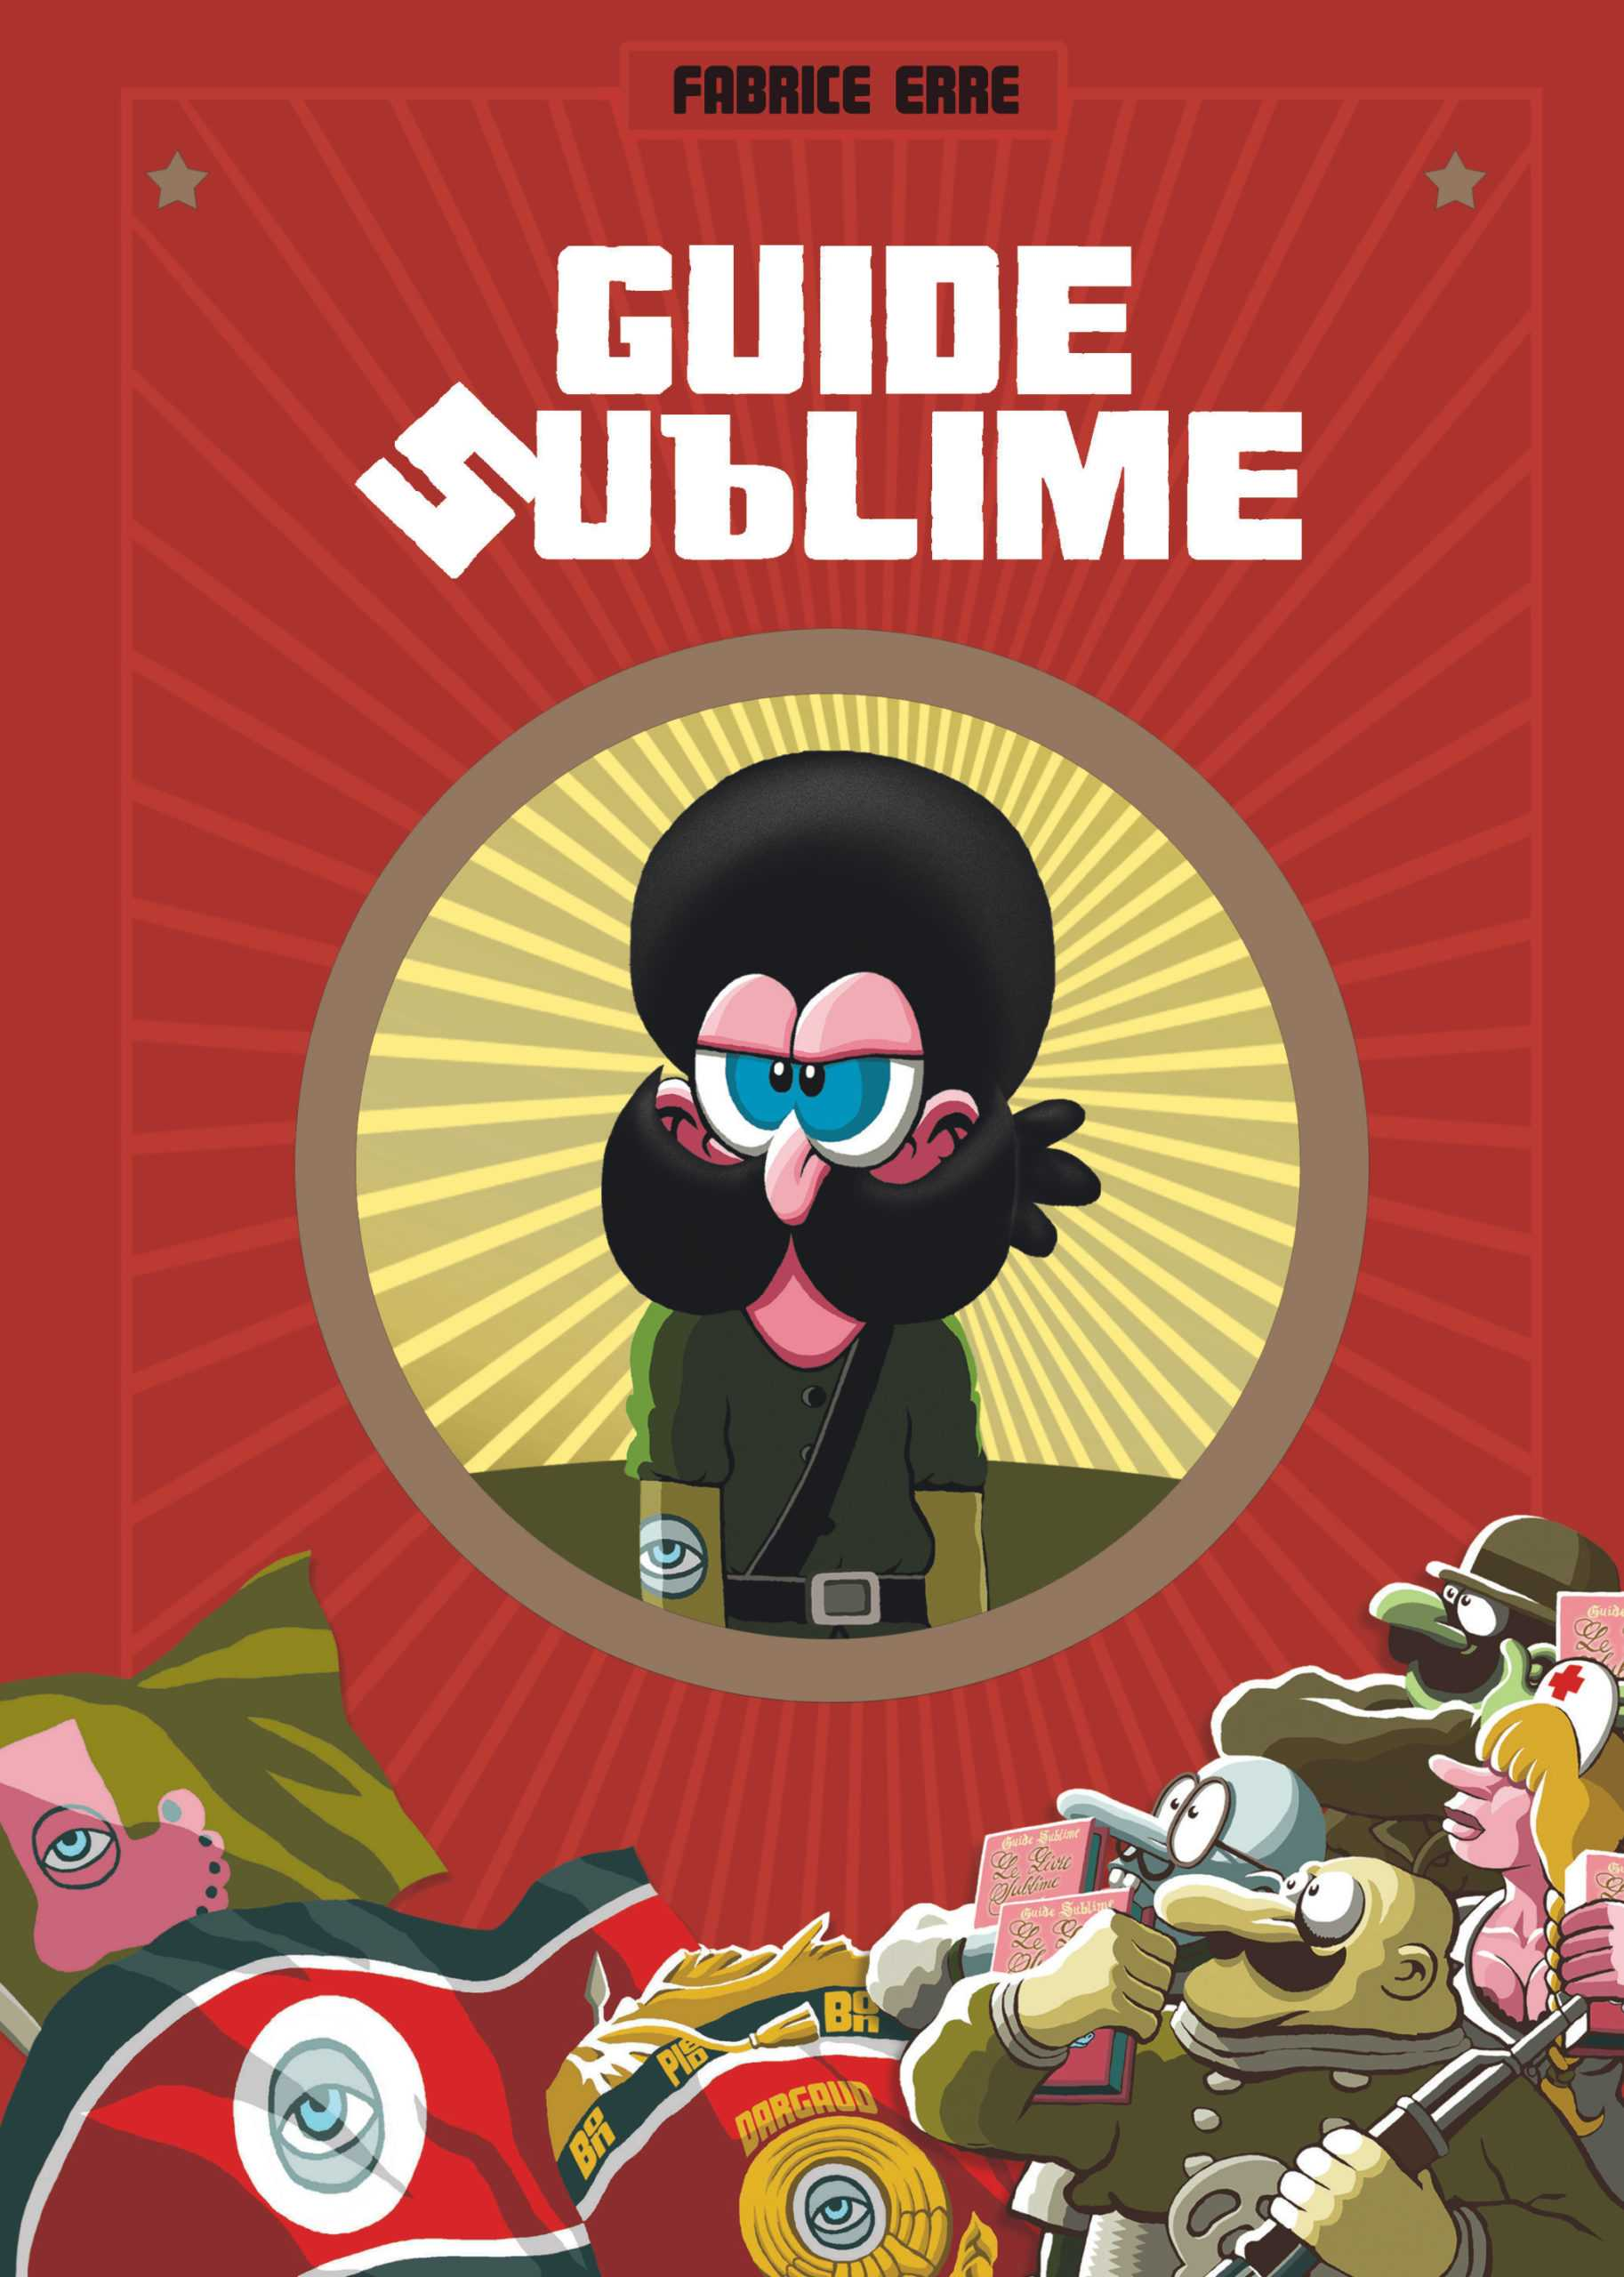 Guide Sublime, Fabrice Erre et le côté noir de la farce